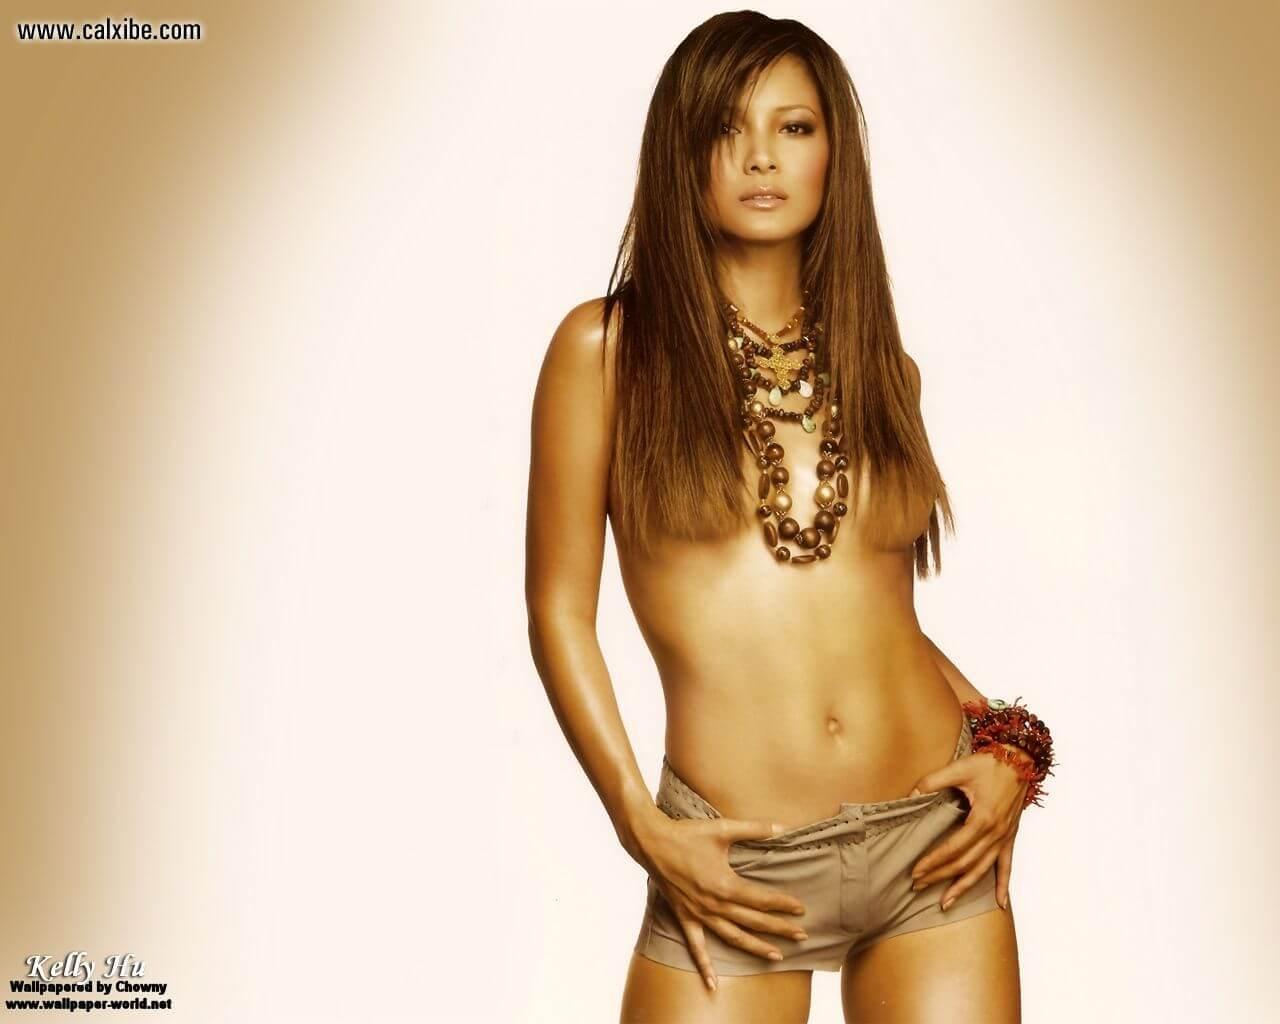 Kelly hu hot